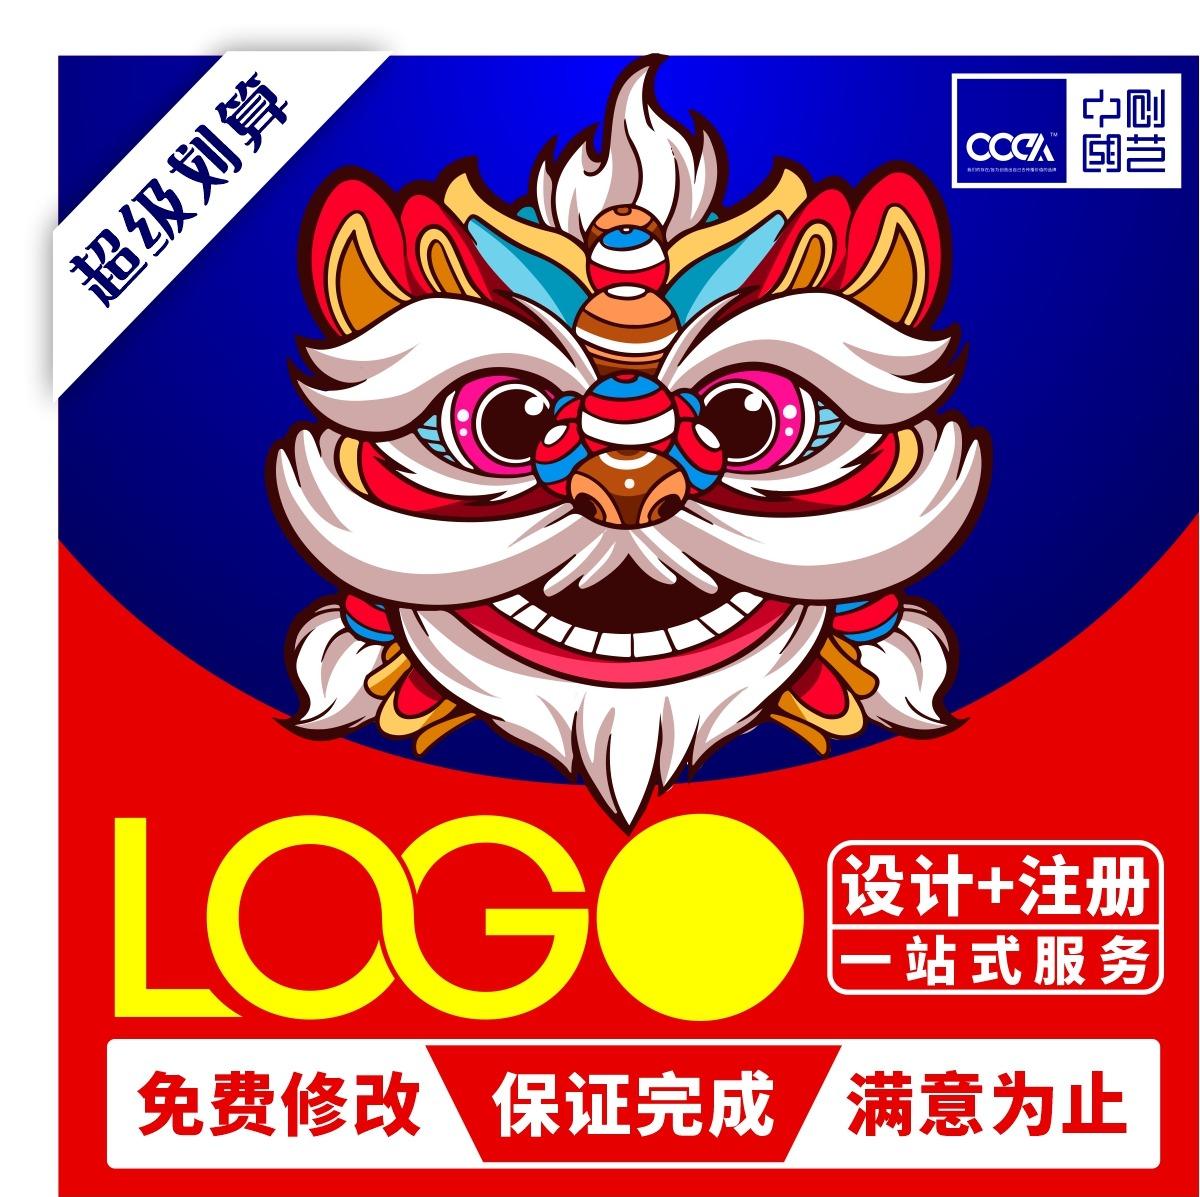 【餐饮LOGO】商标设计LOGO升级大气简约LOGO设计店标